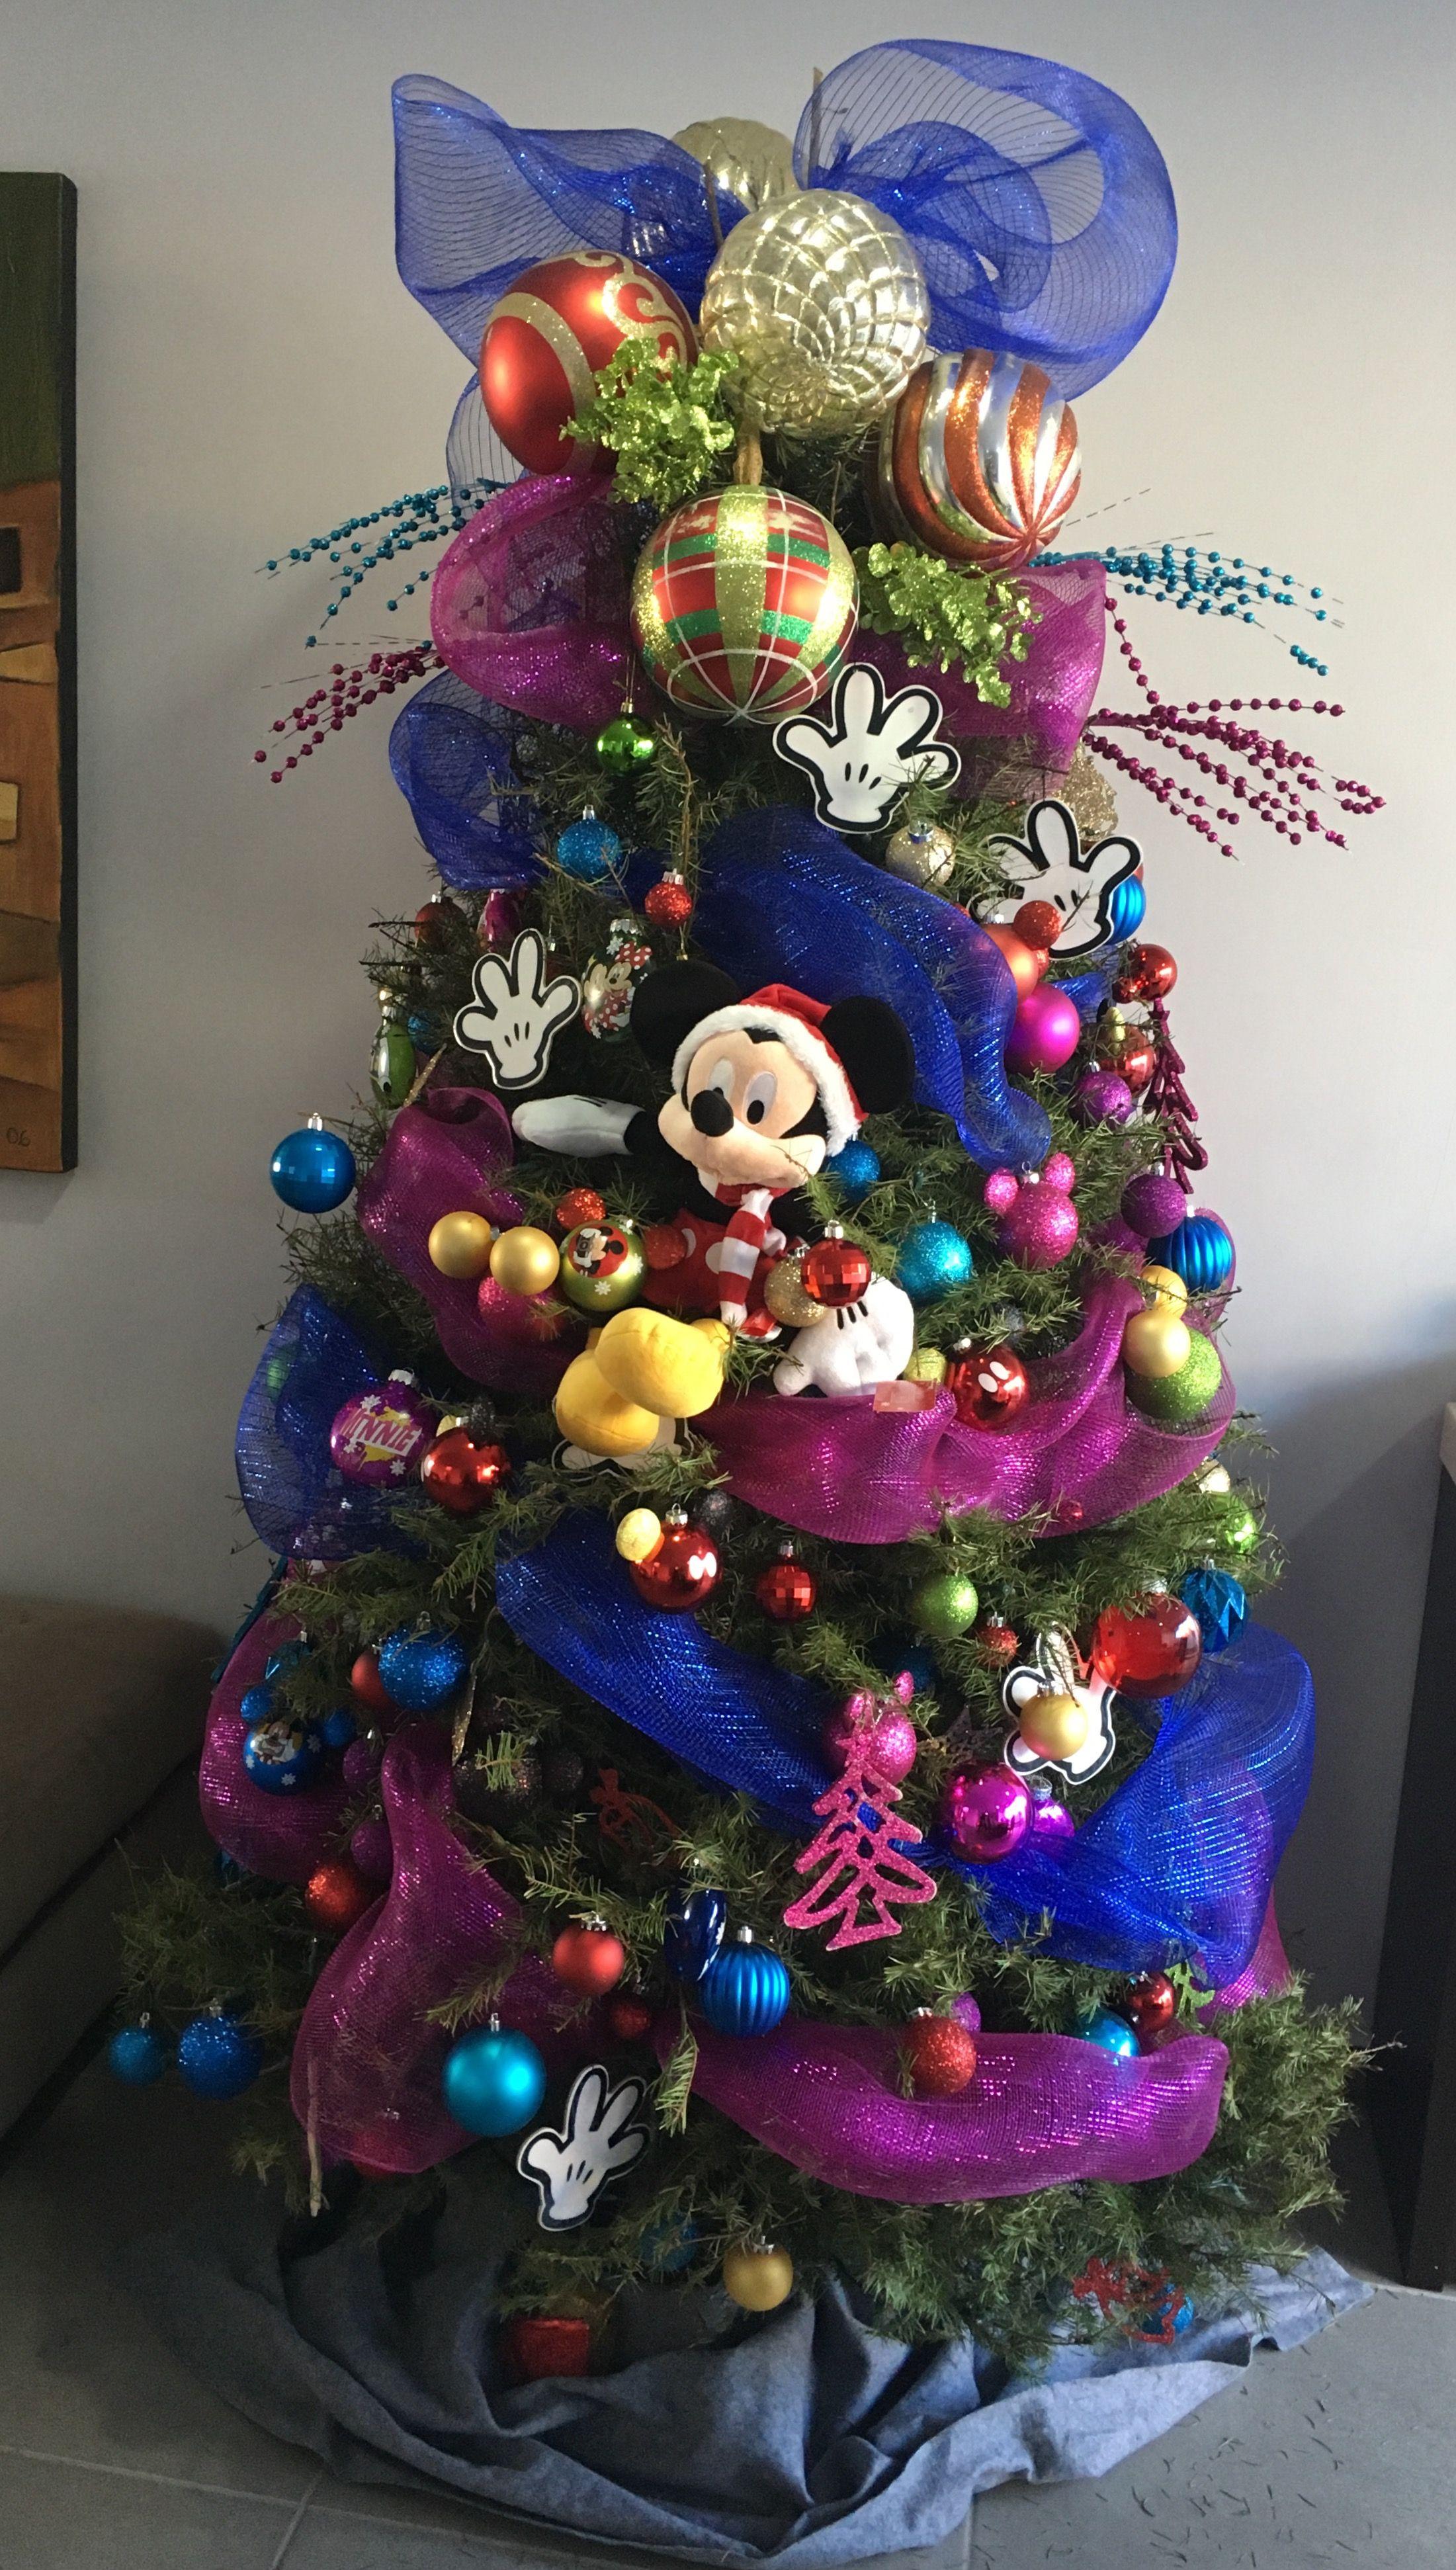 Mickey mouse rbol navidad cosas de decoraci n navidad for Adornos navidenos mickey mouse